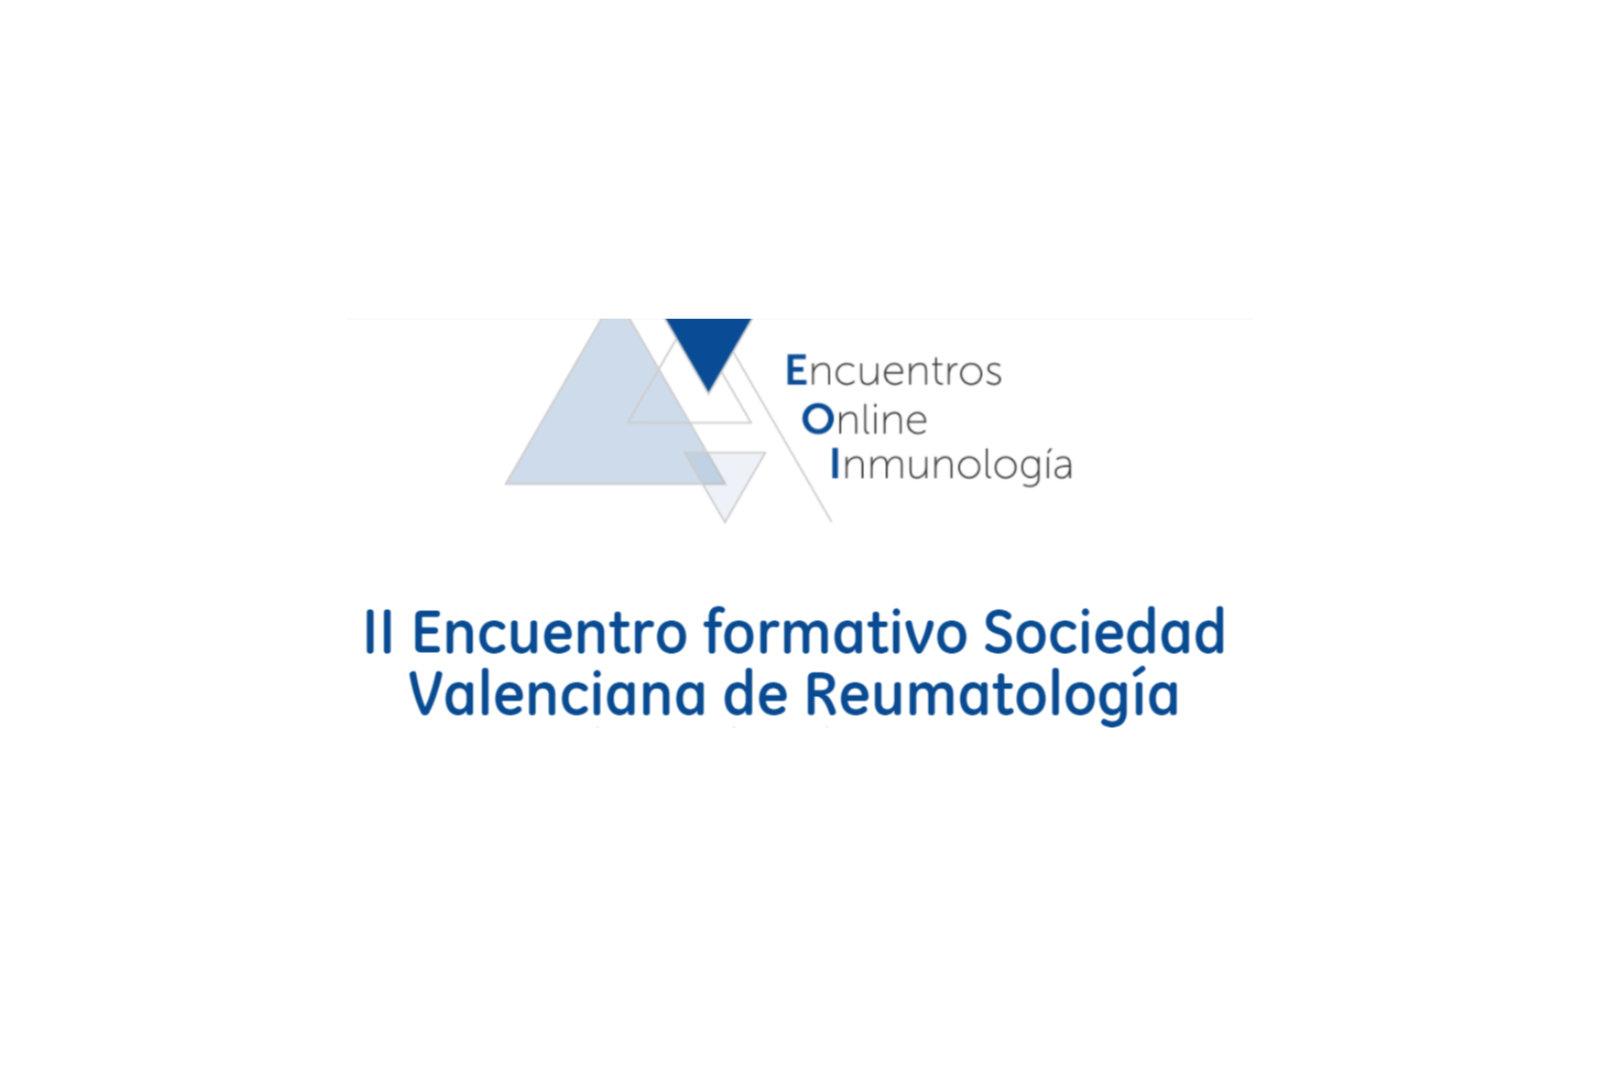 La colaboración entre reumatología y oftalmología reduce el impacto en pacientes con afecciones oculares como la uveítis